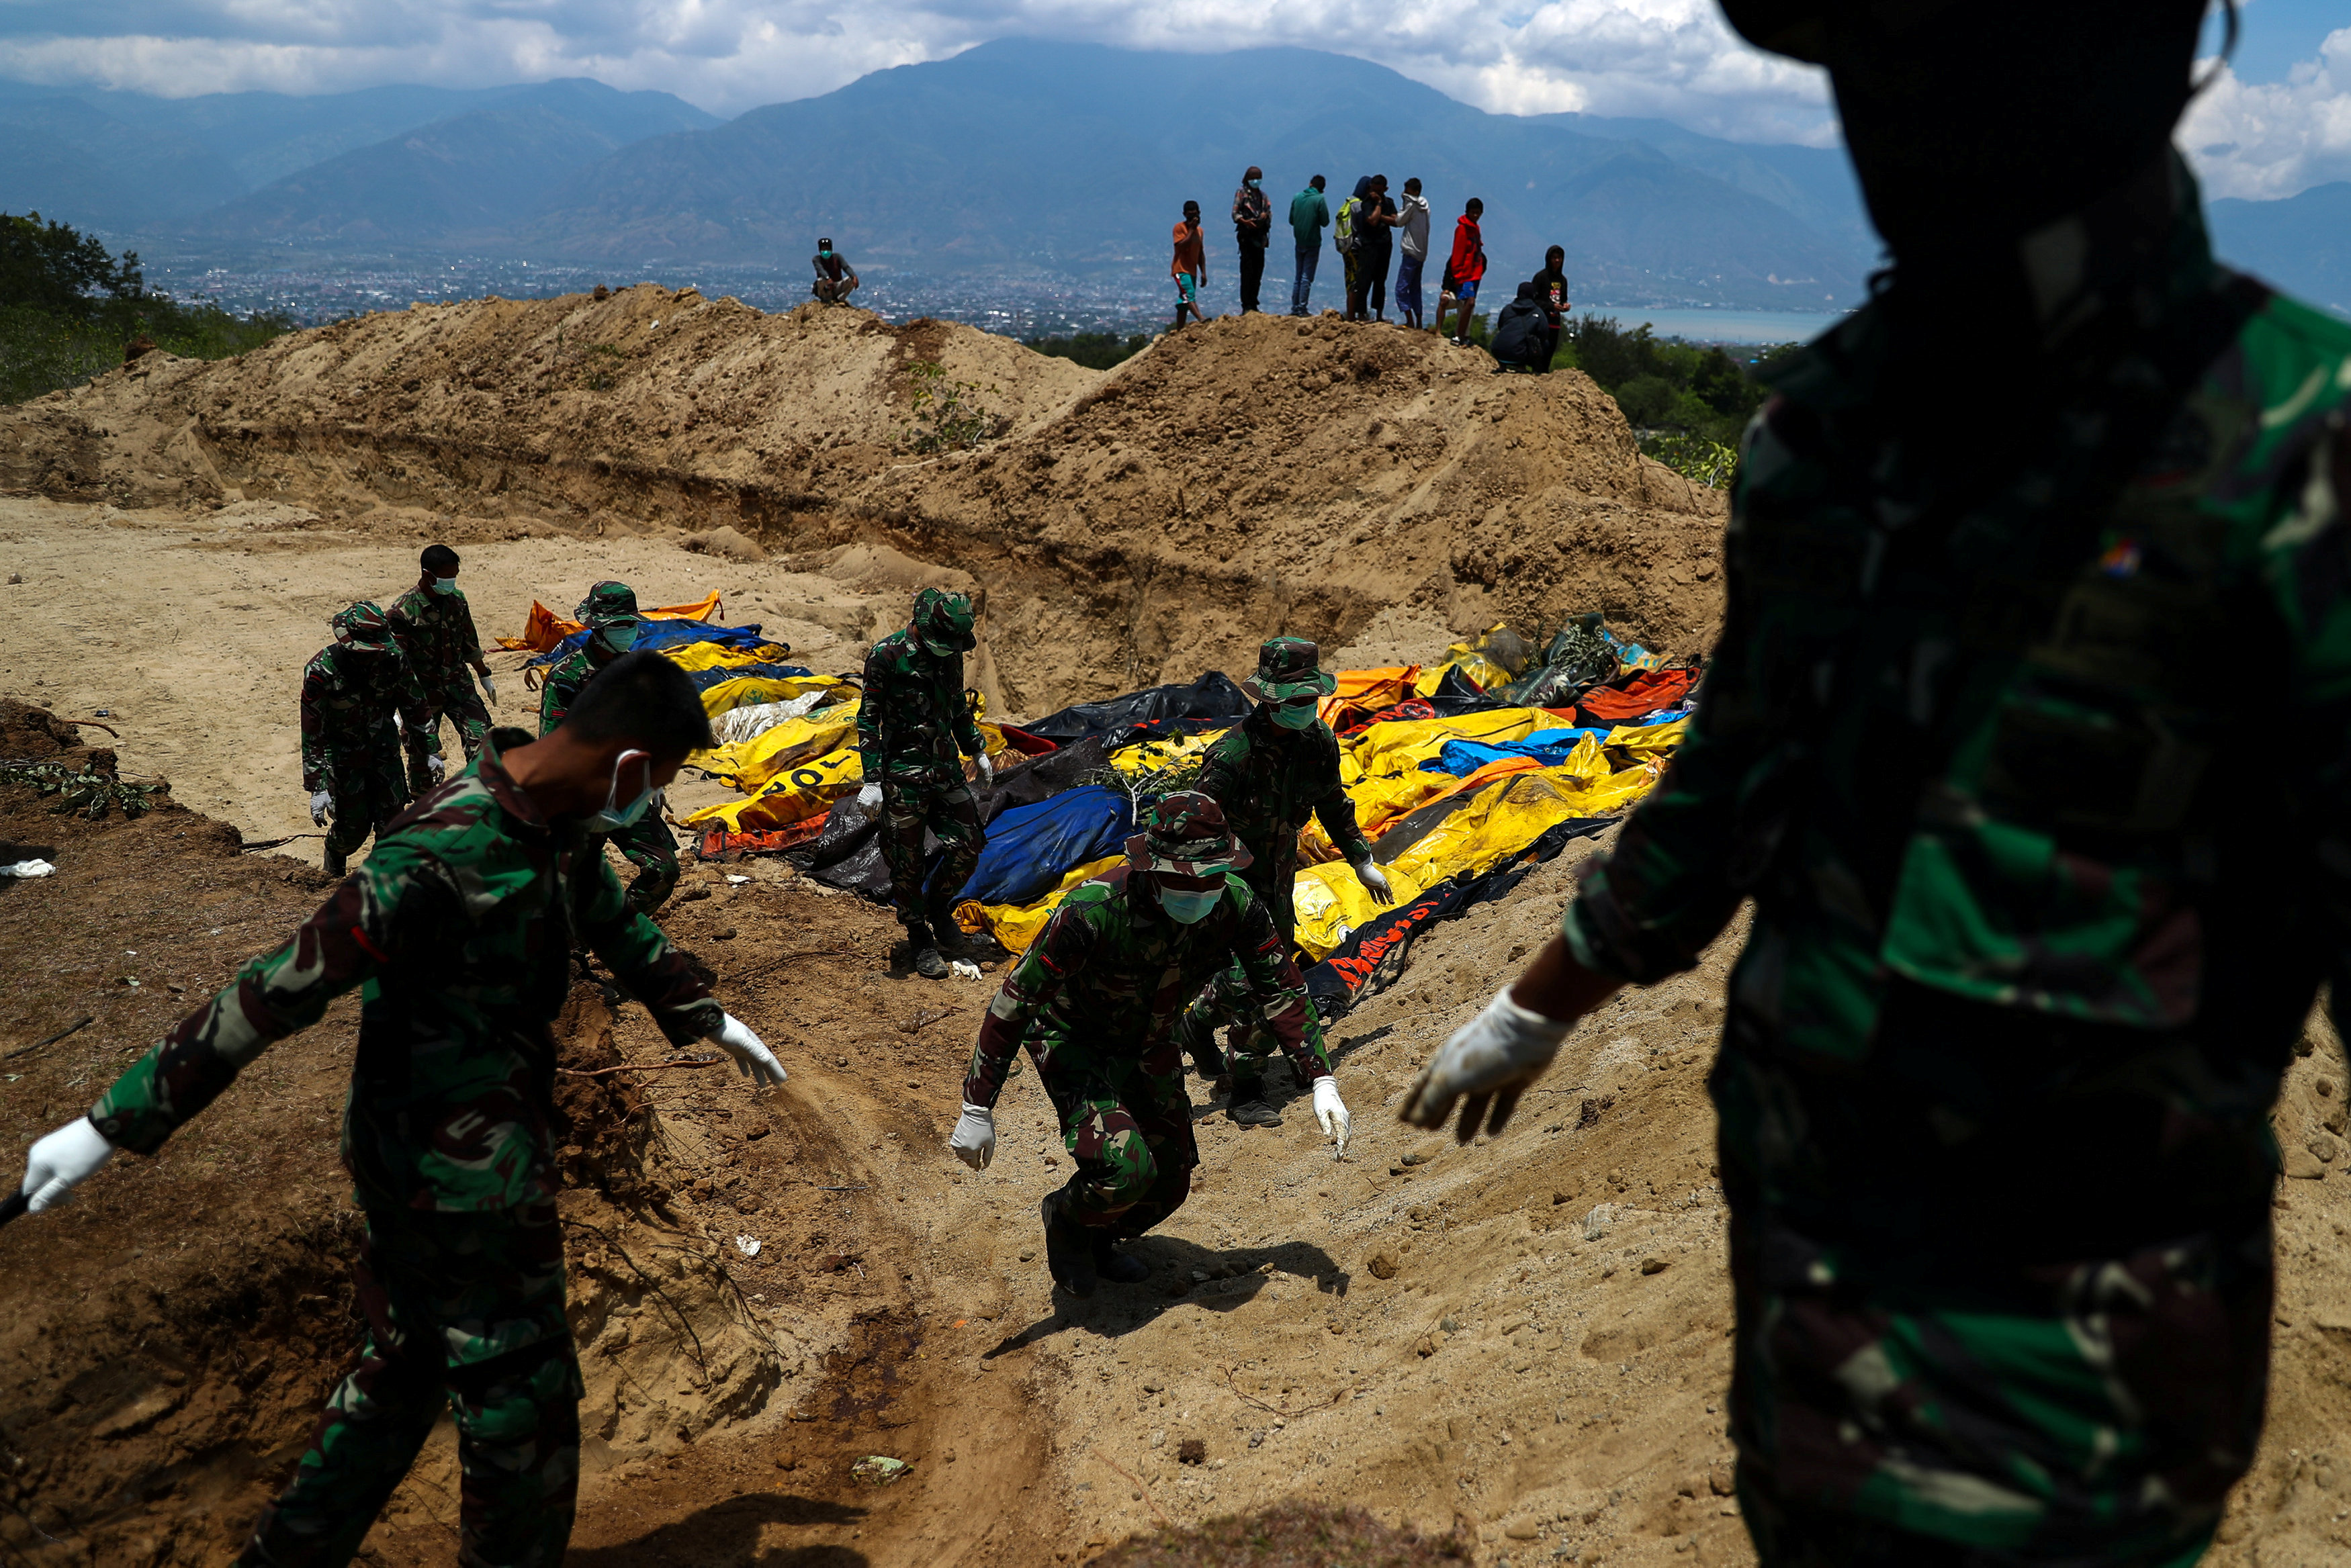 Soldados sepultan los cuerpos de víctimas del terremoto en una fosa común en el cementerio de Poboya en Palu (REUTERS/Athit Perawongmetha)